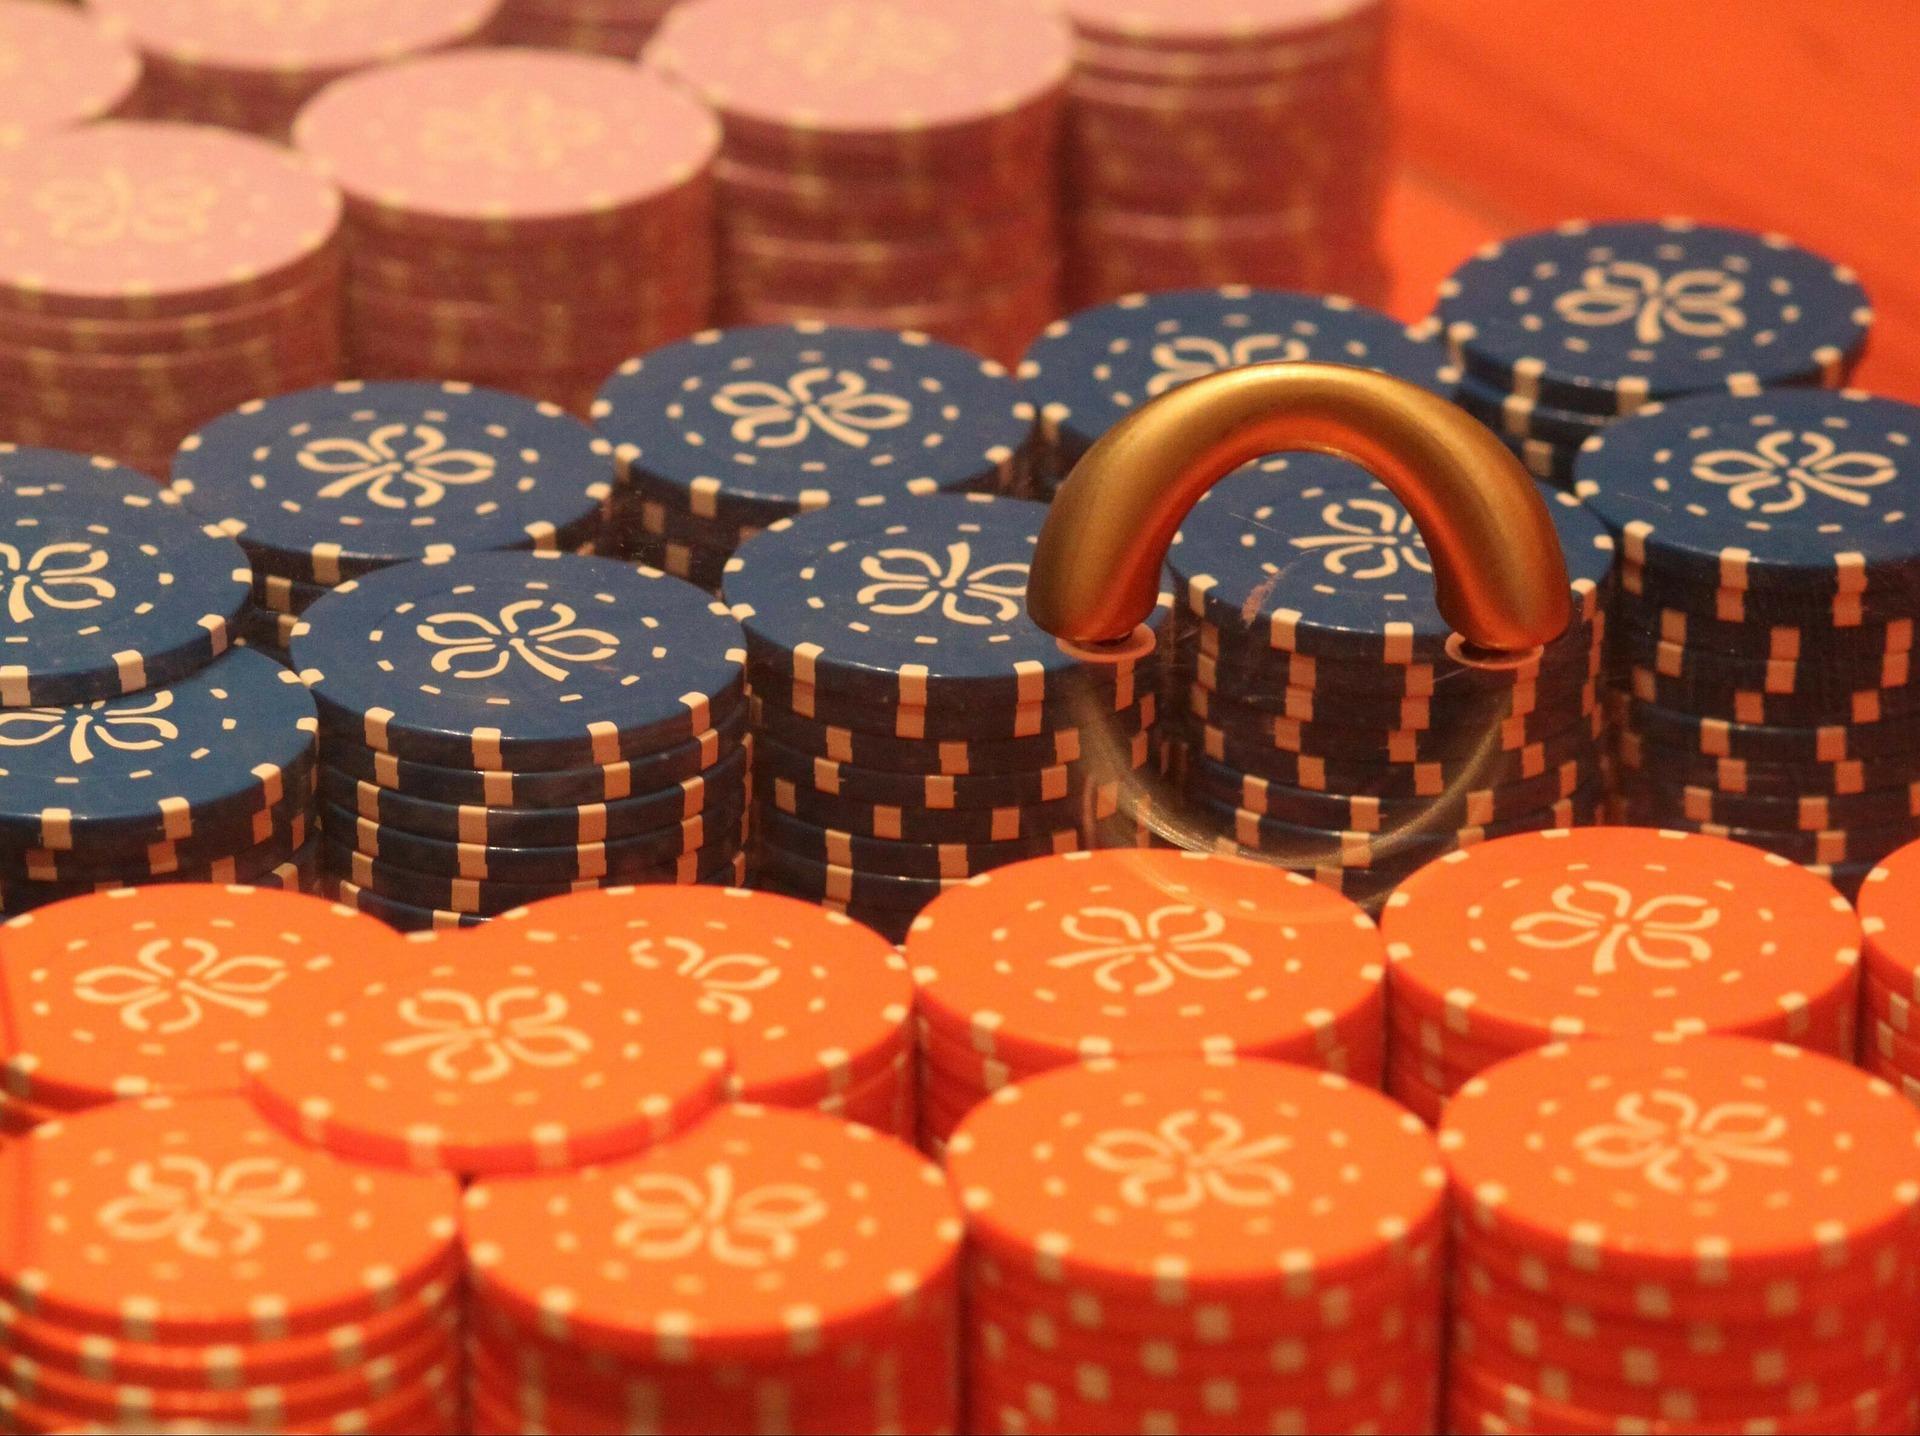 deutschland online casino xtra punkte einlösen